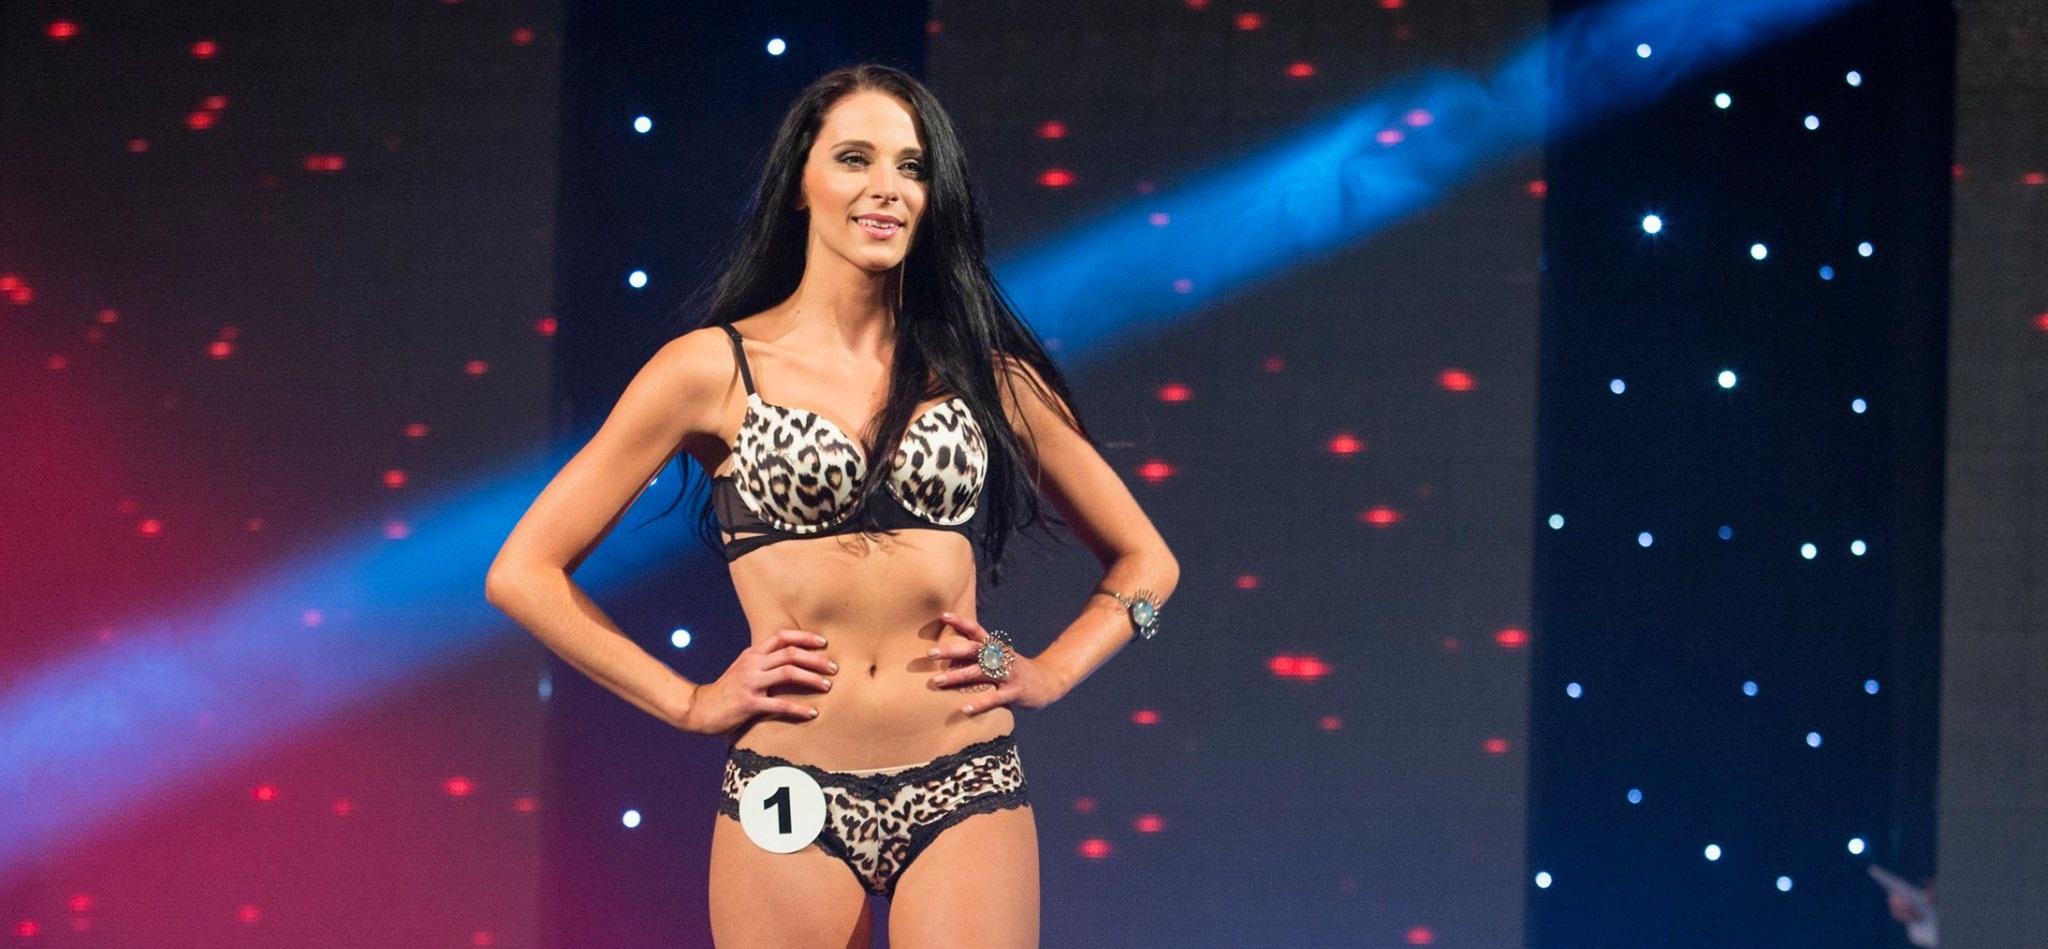 Česko-Slovenská Miss Veronika Maléřová. Foto: Facebook Česko-Slovenská MISS.